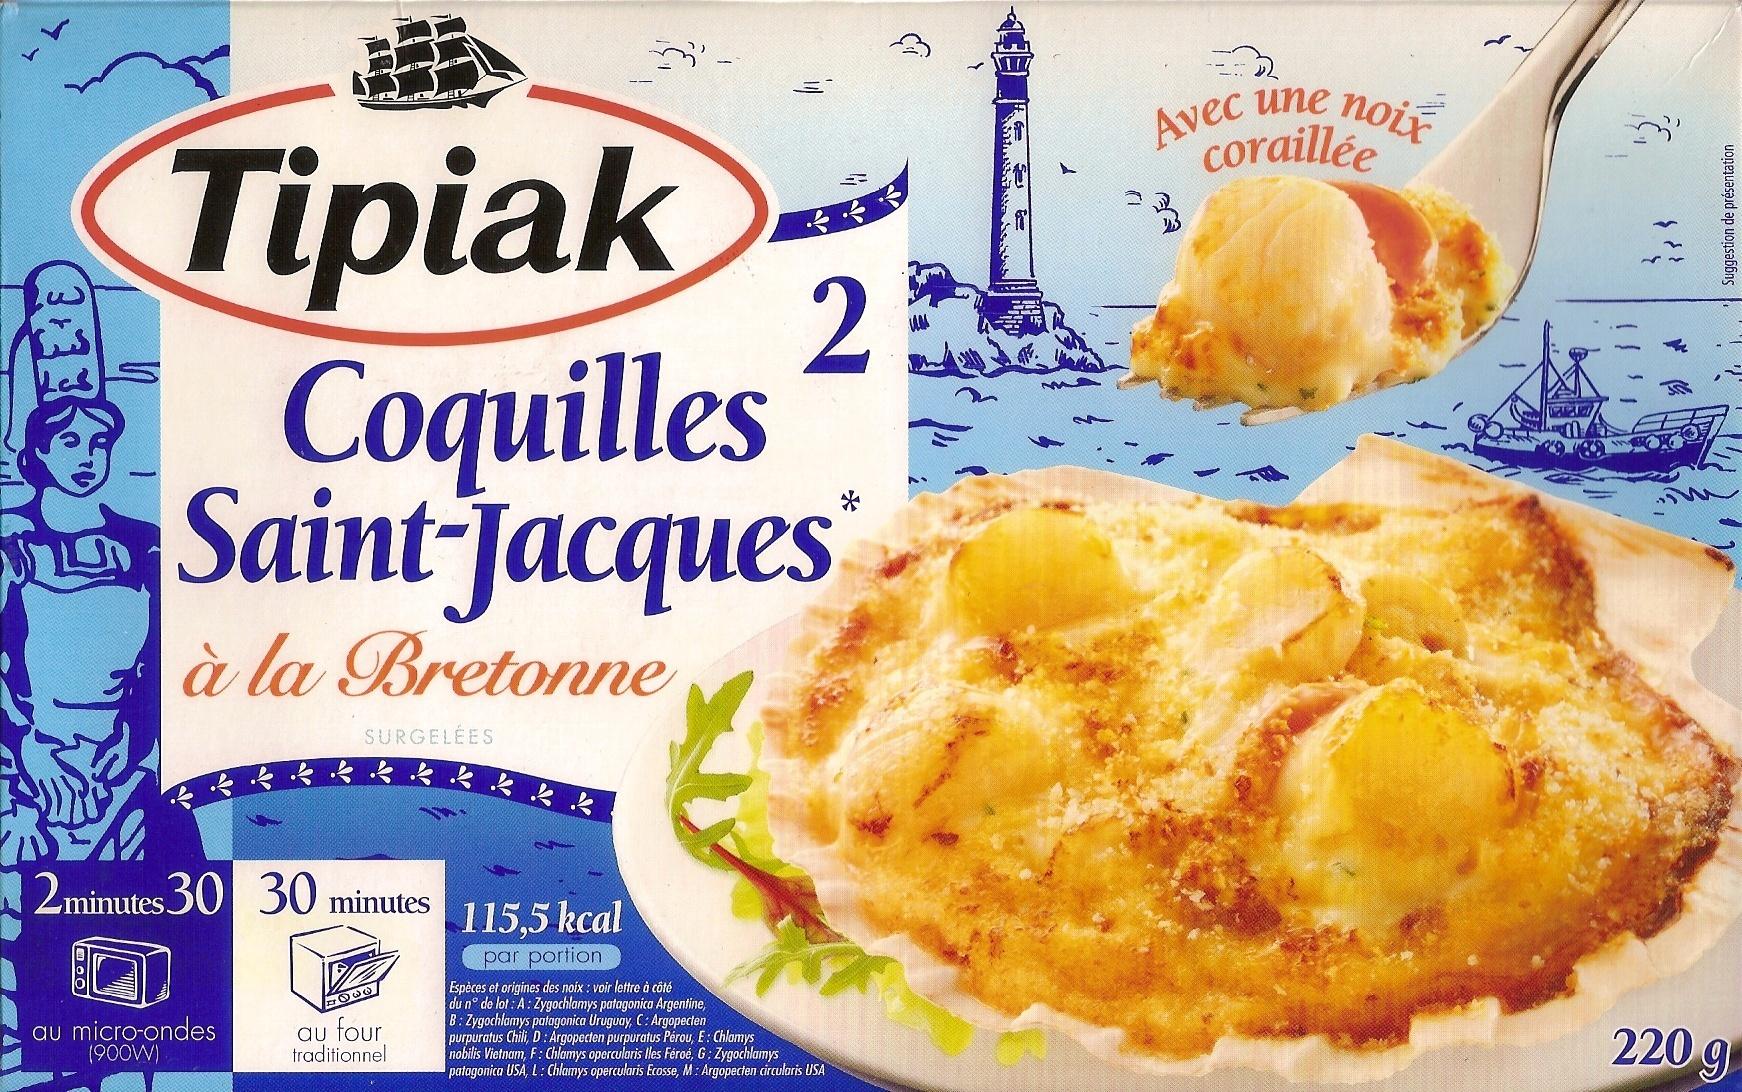 2 Coquilles Saint-Jacques* à la Bretonne - Product - fr